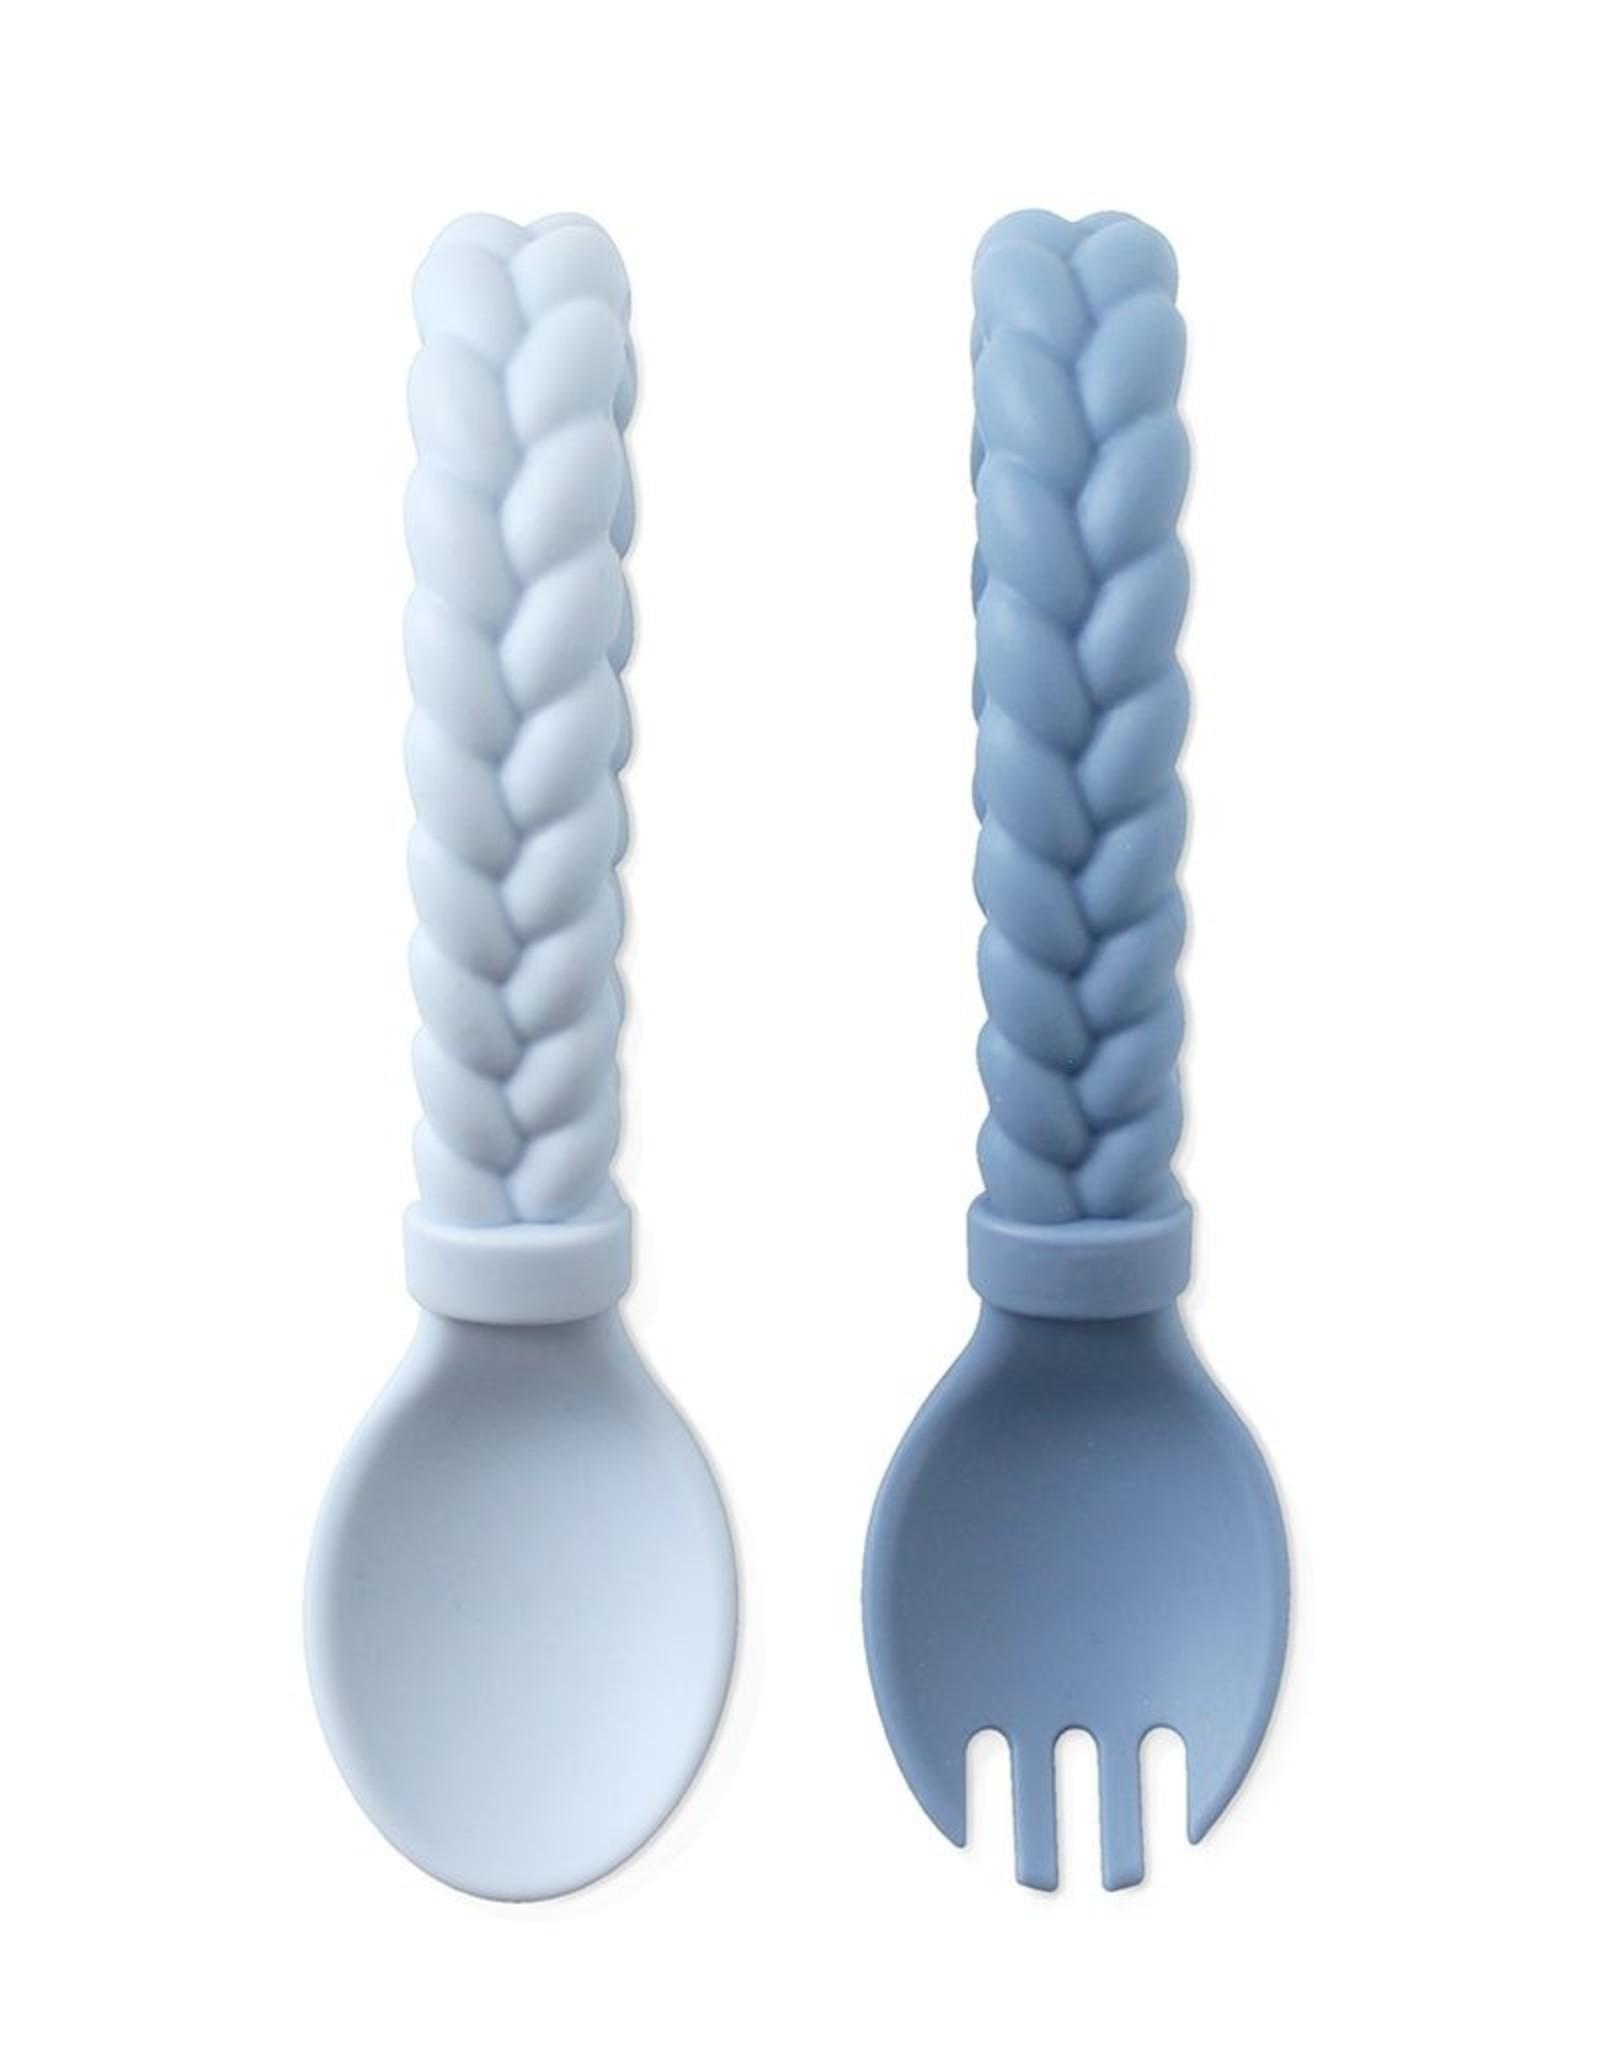 Itzy Ritzy Sweetie Spoon & Fork Set Blue